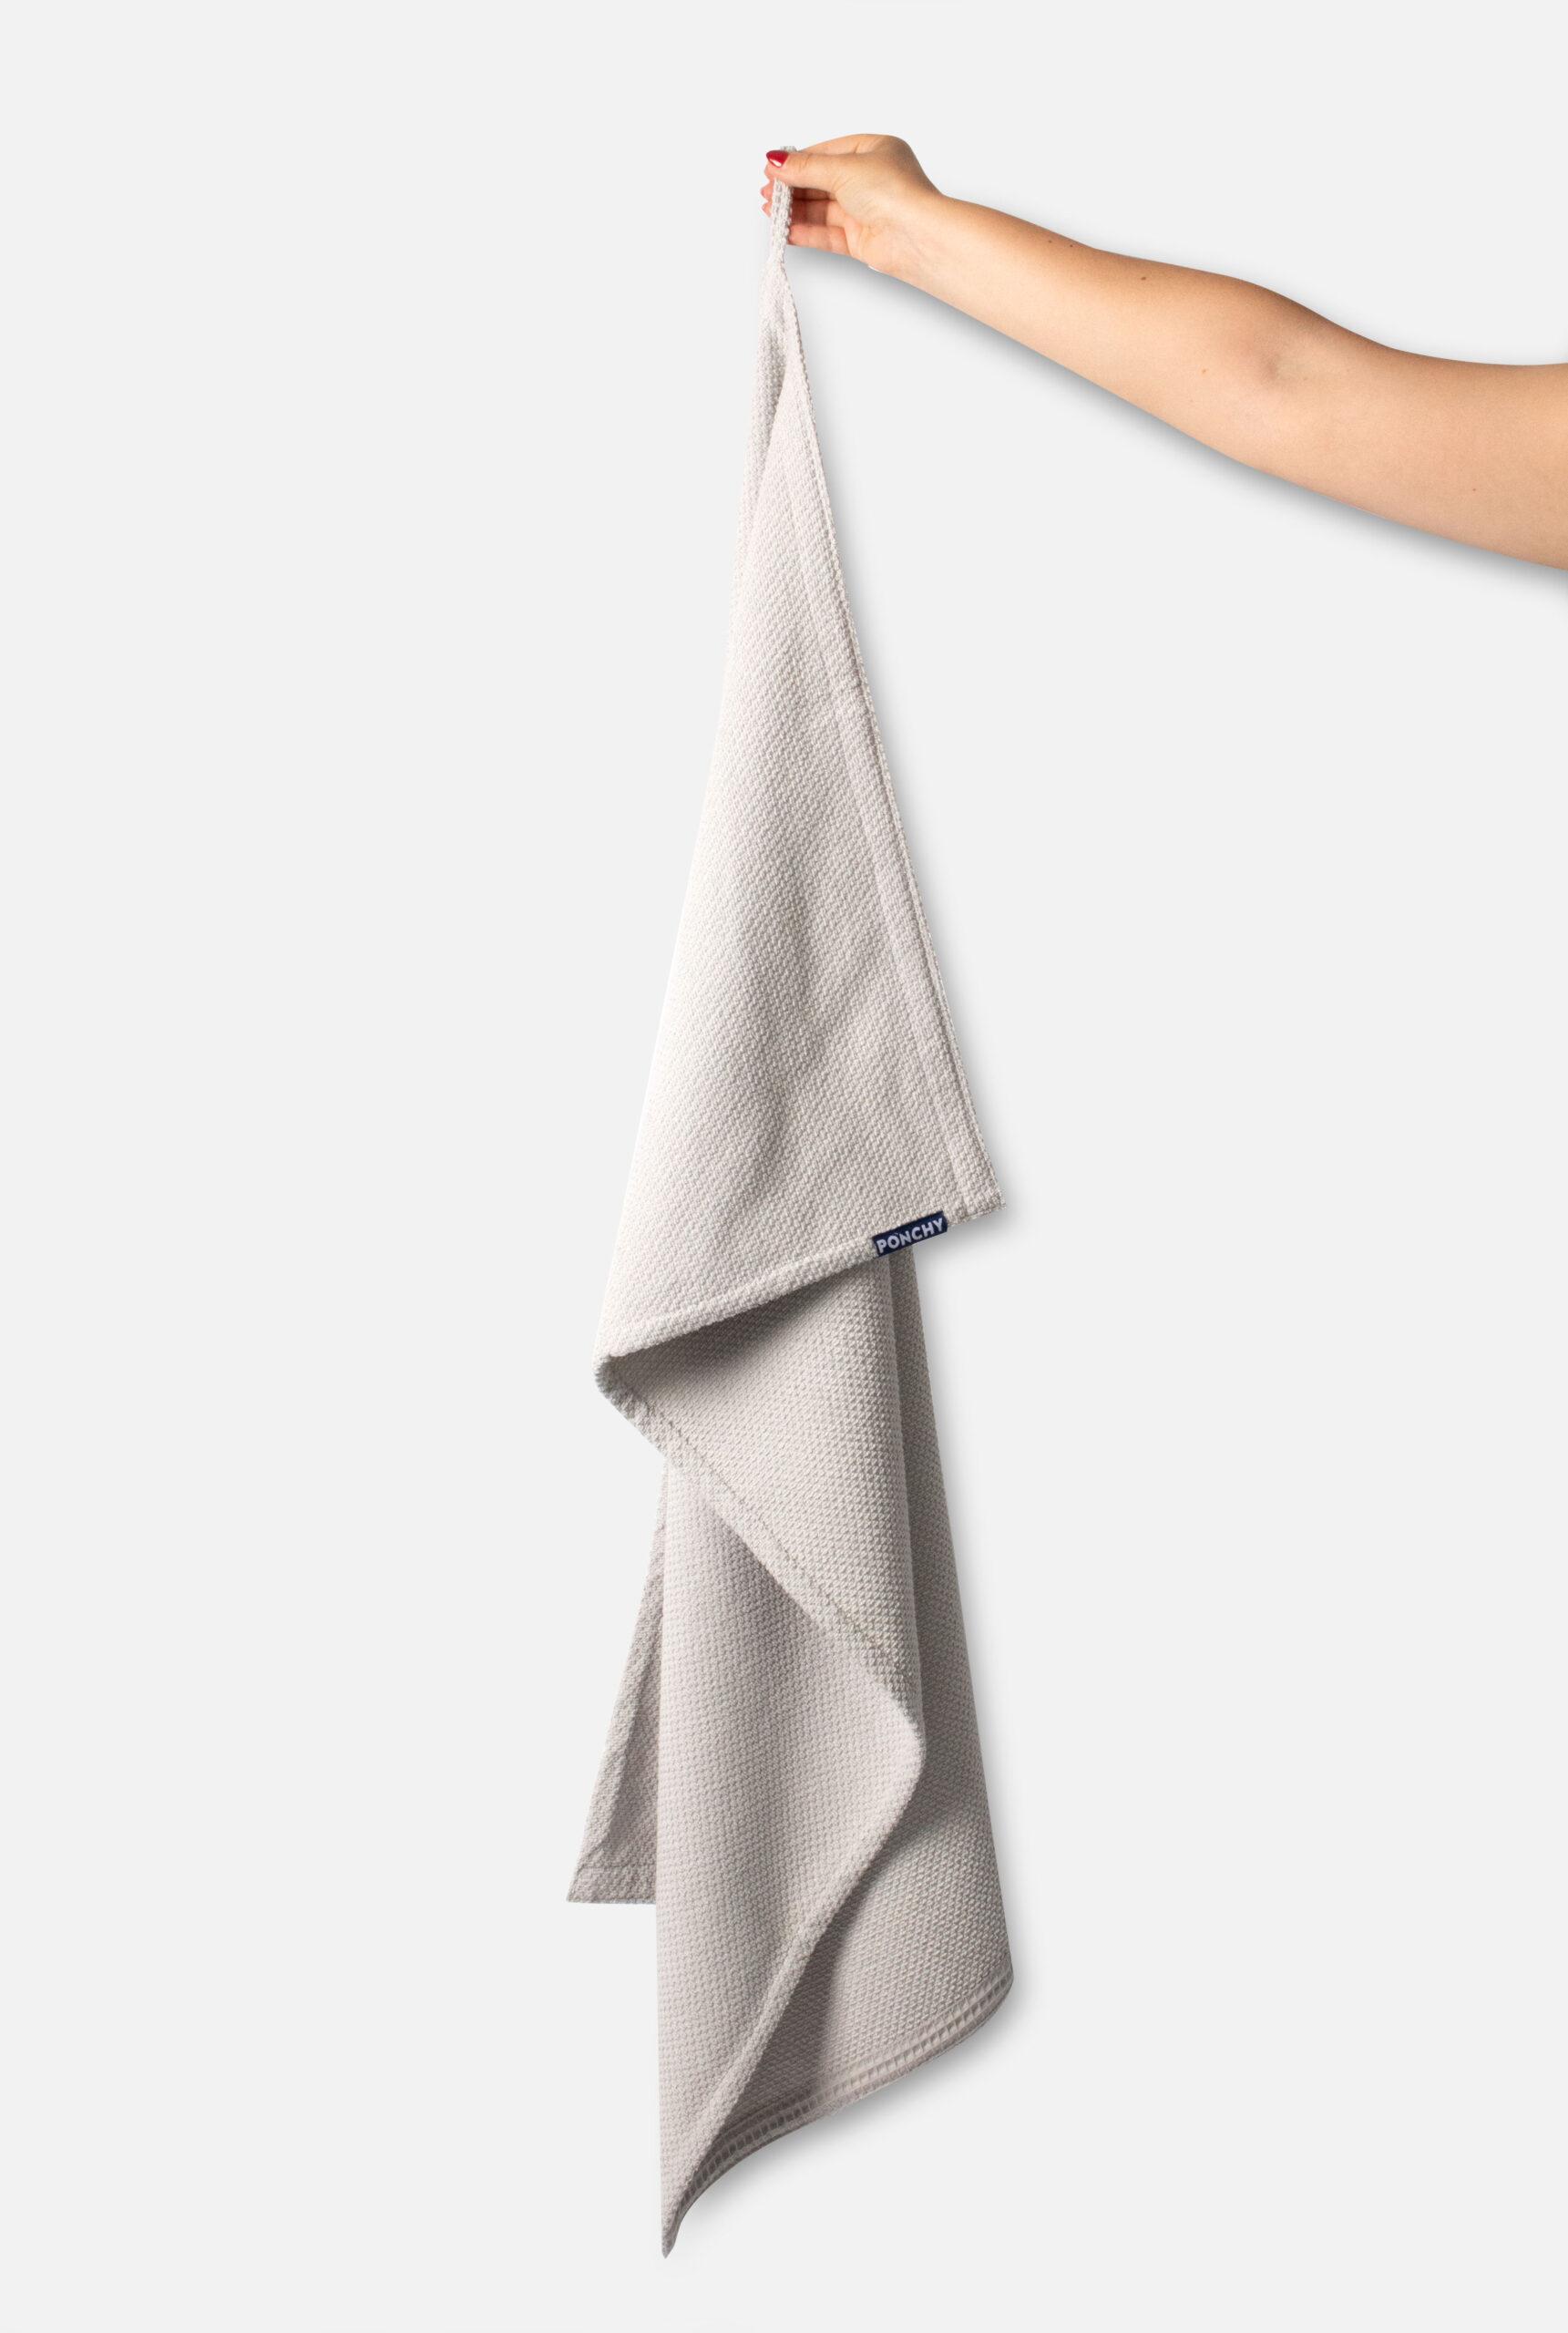 Cinza Claro handdoek groot